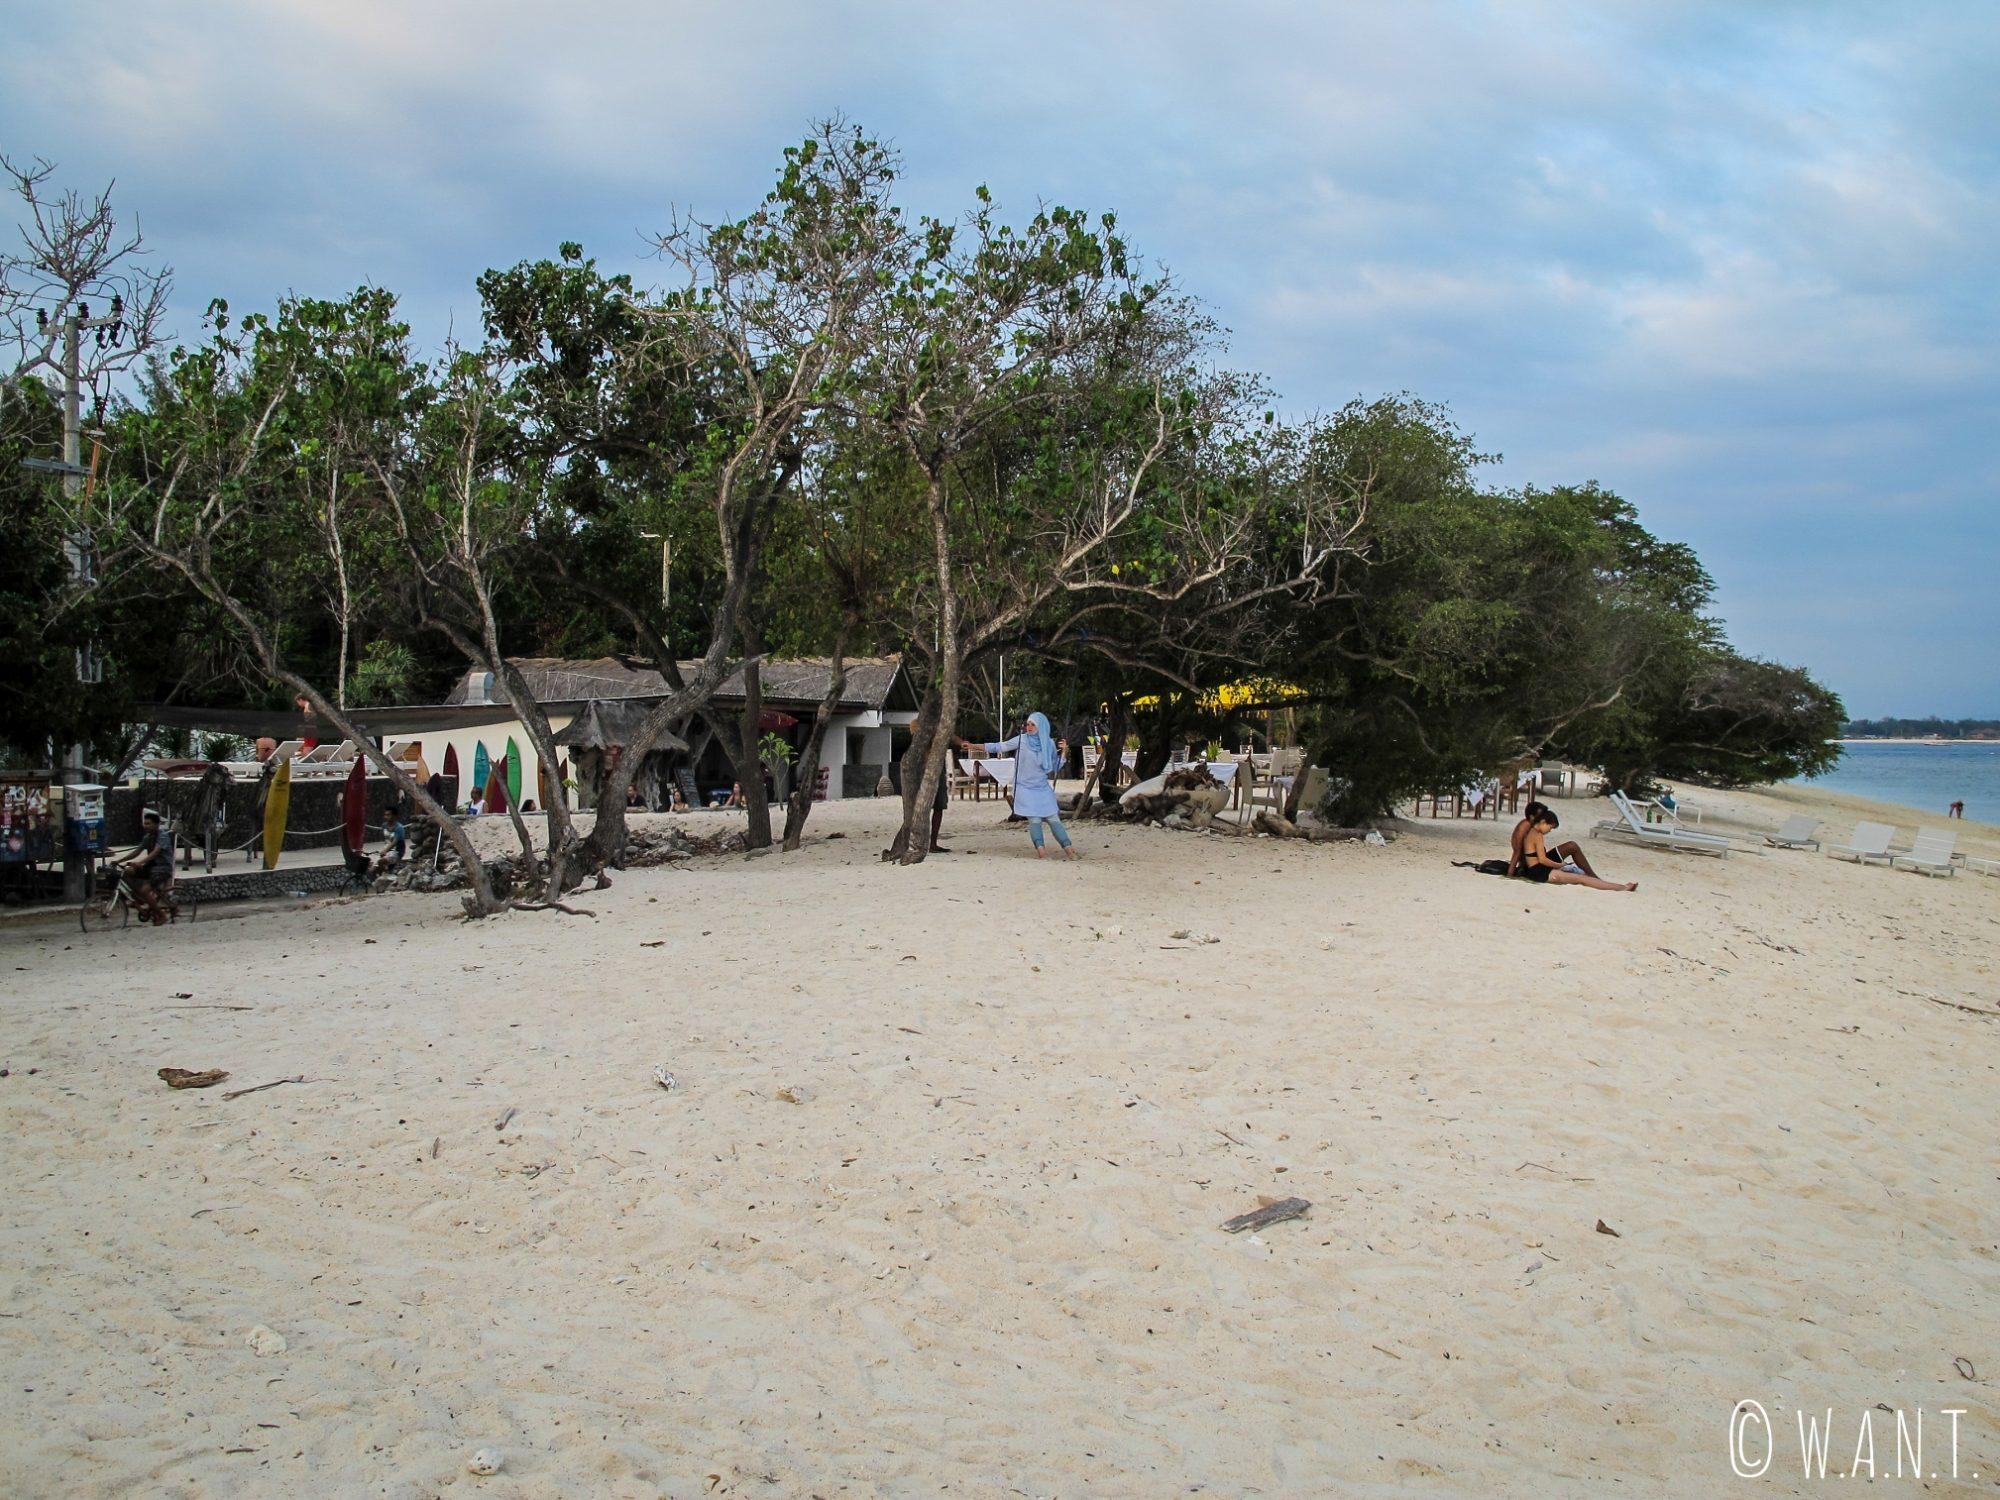 2017 - Plan large de la plage au sud-ouest de Gili Trawangan